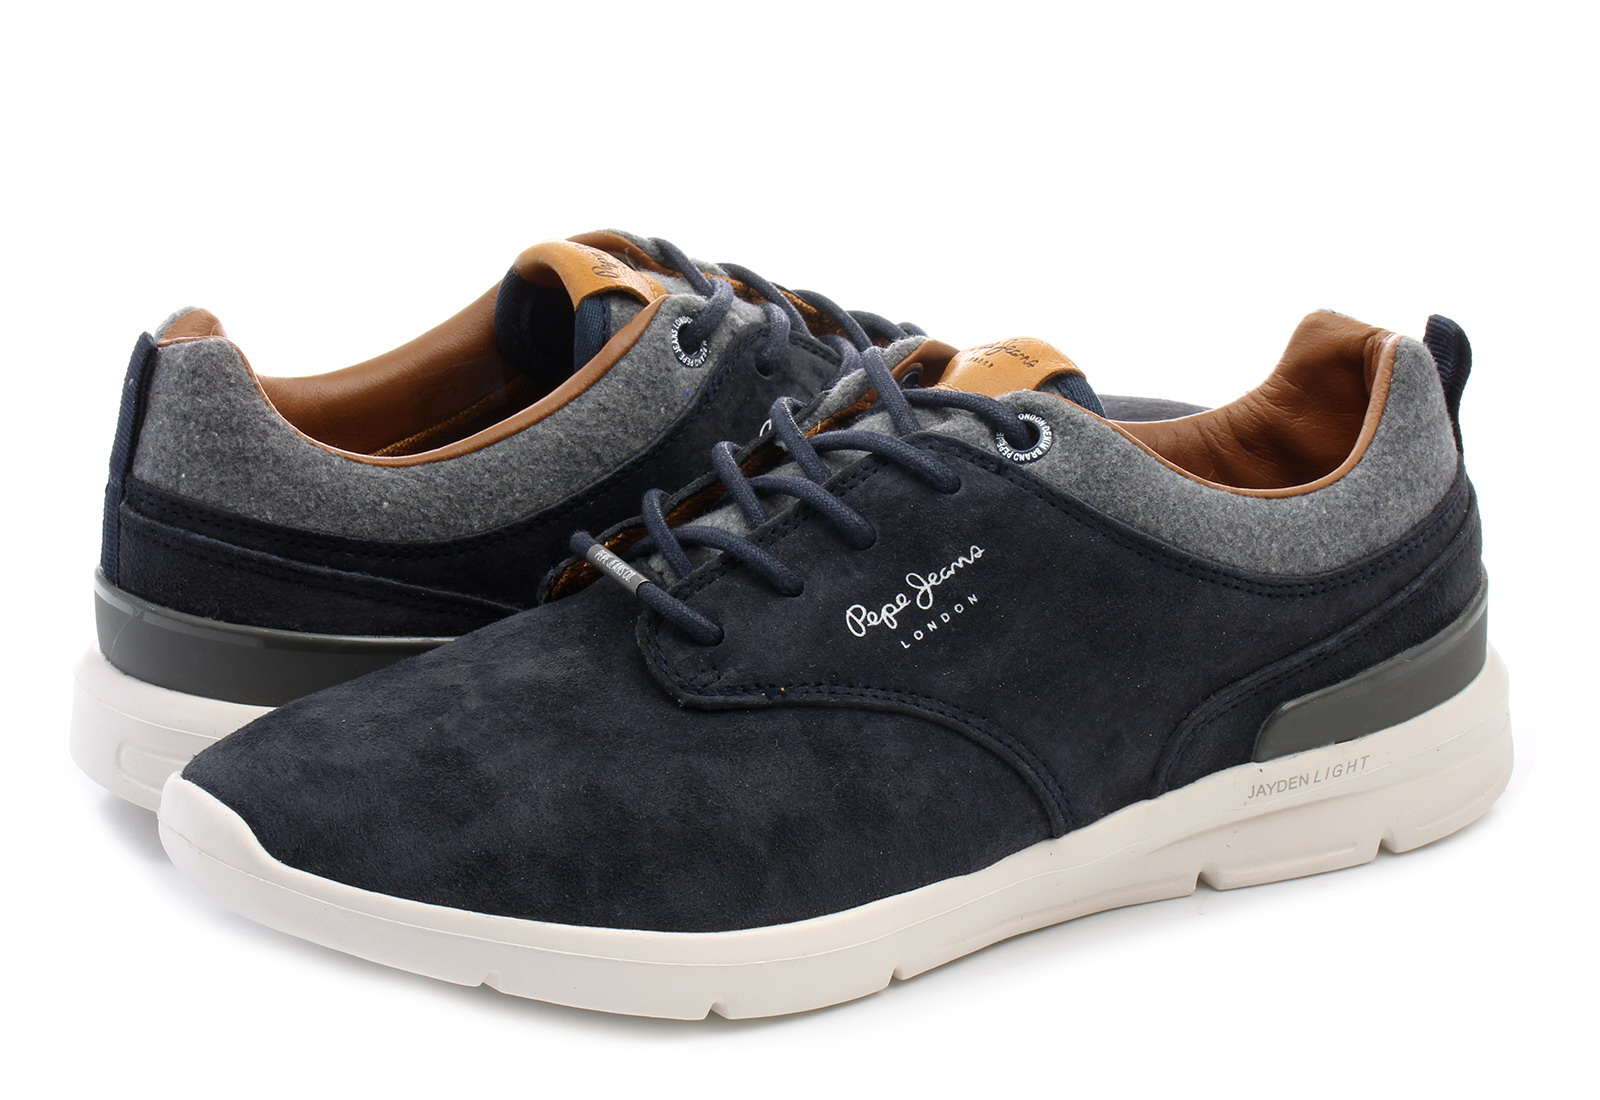 Pepe Jeans Cipő - Jayden - PMS30389585 - Office Shoes Magyarország e8ea99c76d